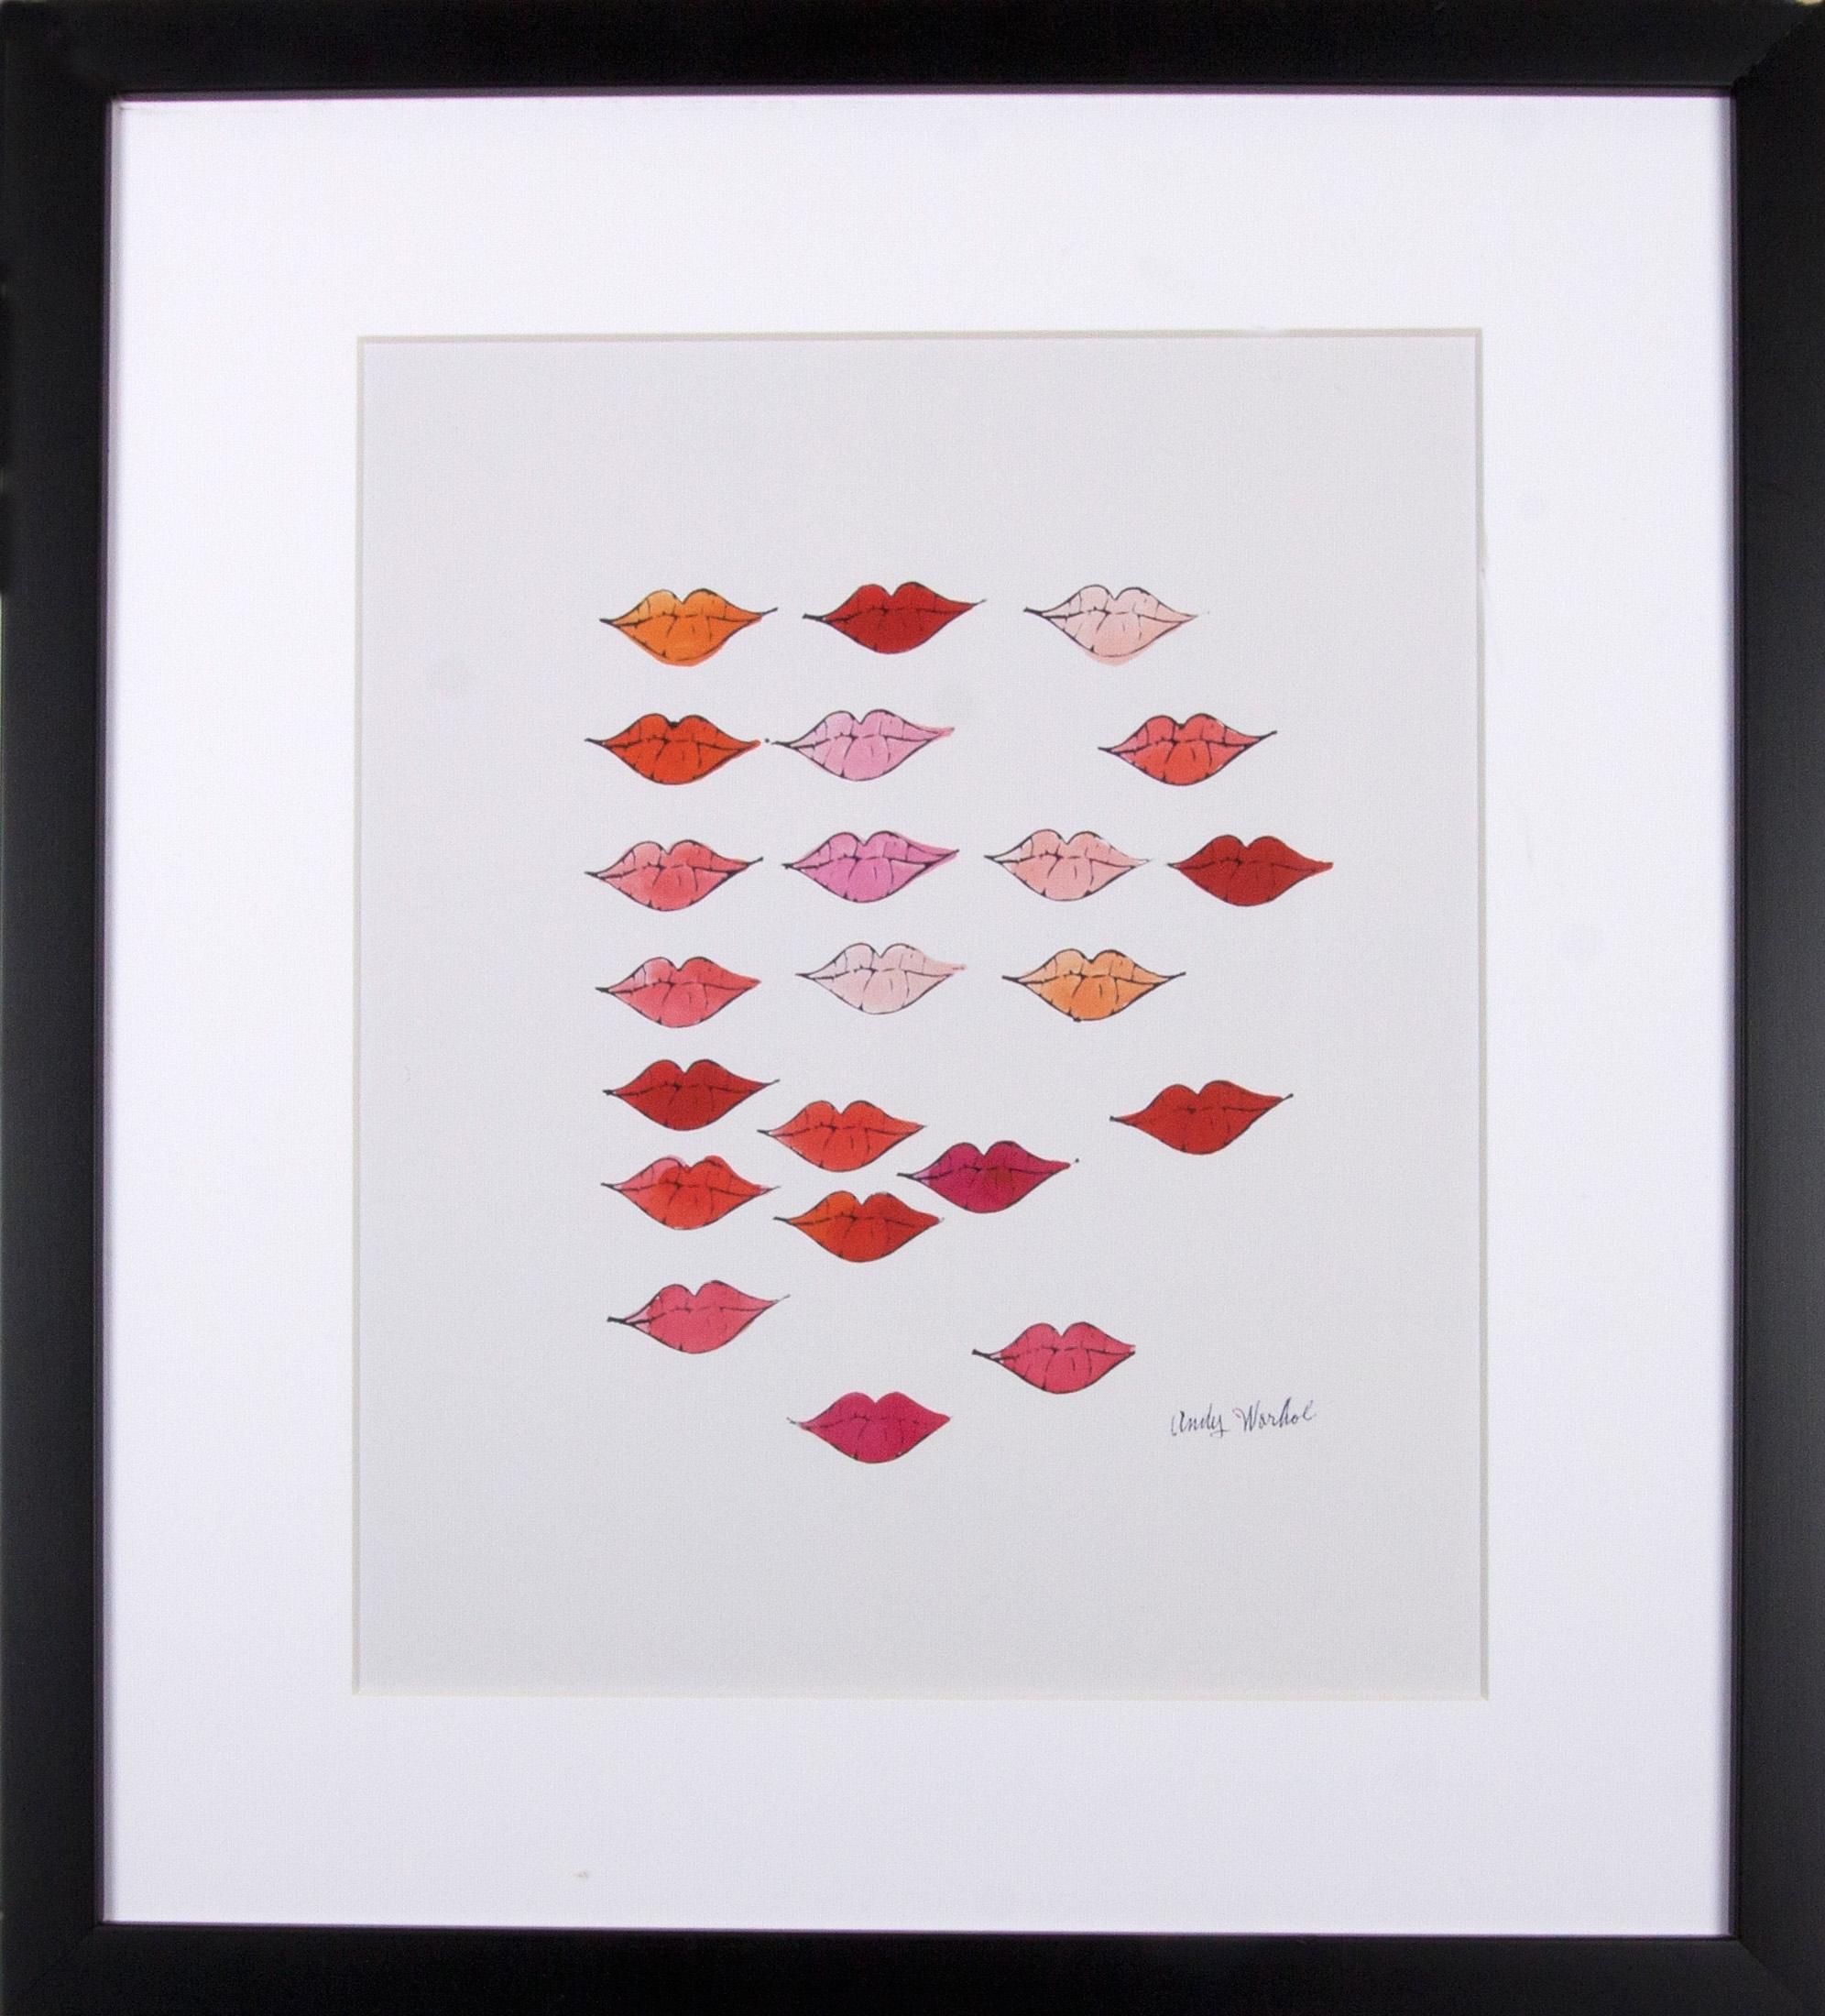 Home Affaire G&C ingelijste artprint Andy Warhol, »Mooie rode lippen«, 33x43 bij OTTO online kopen